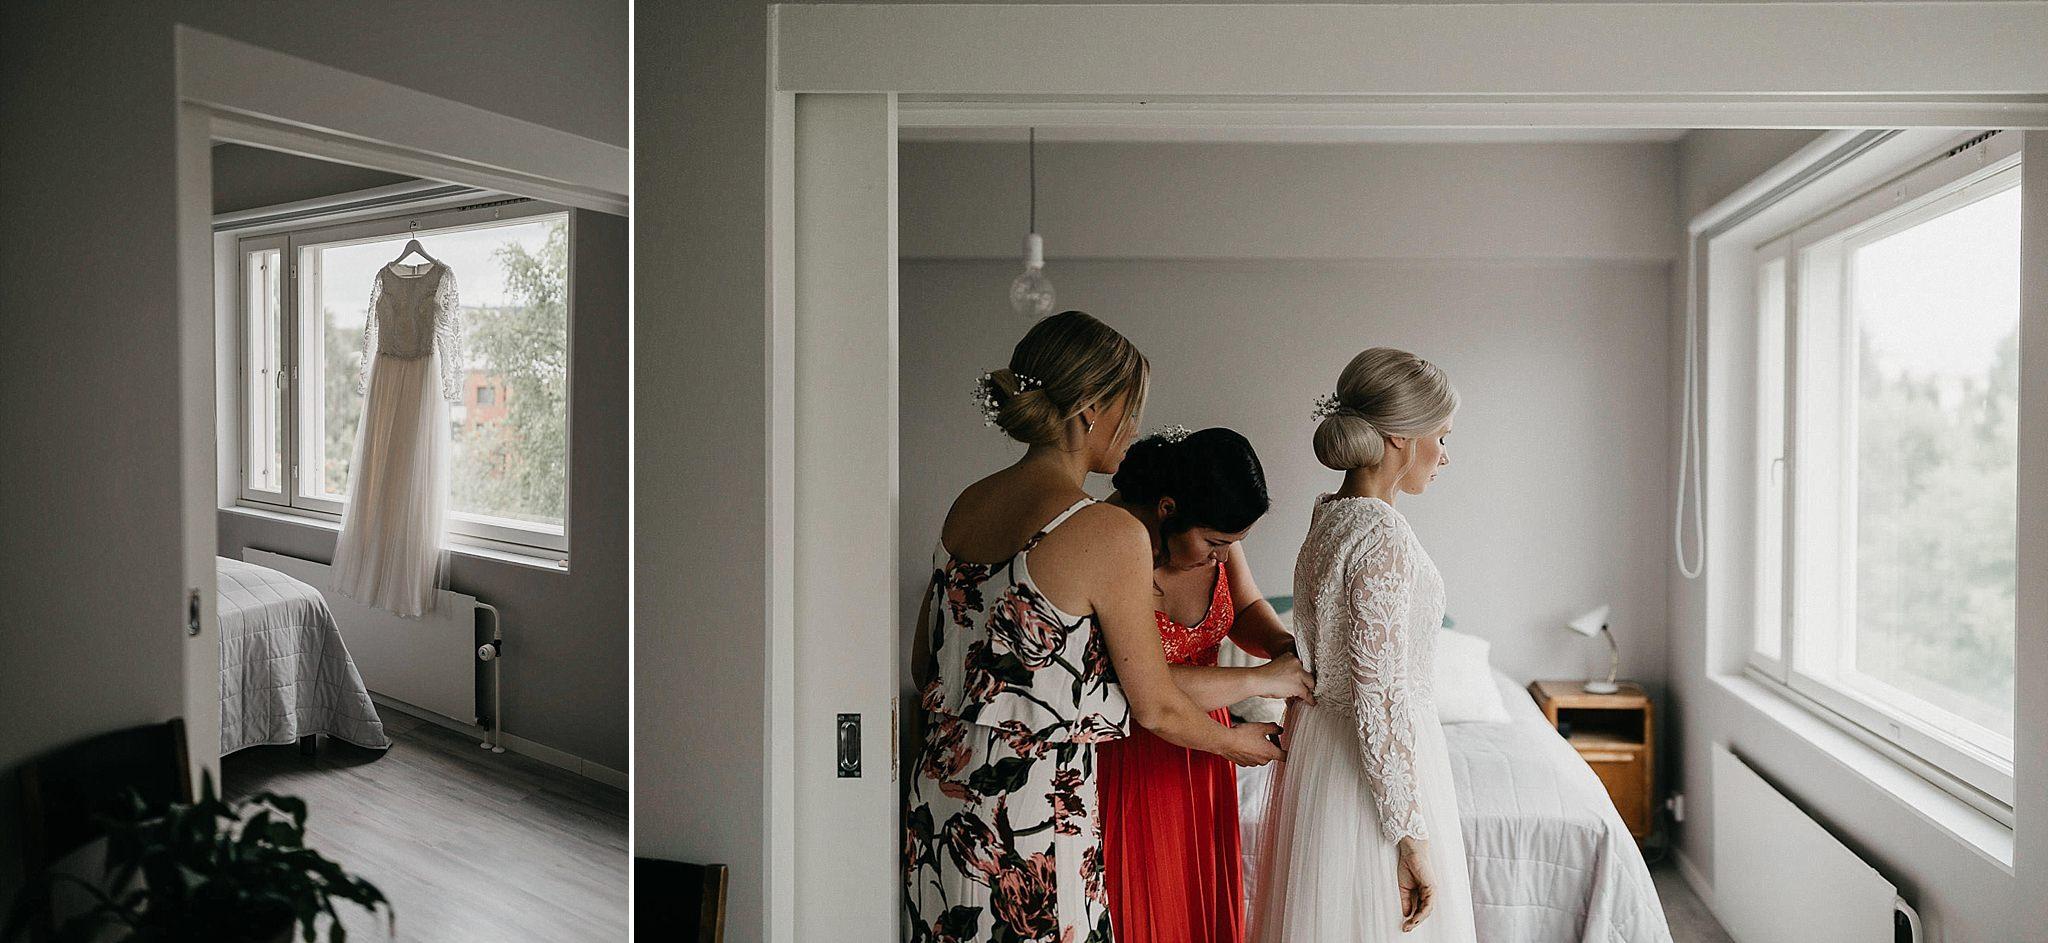 Haakuvaus_wedding_jyvaskyla_muurame_tuomiston_tila_0085.jpg